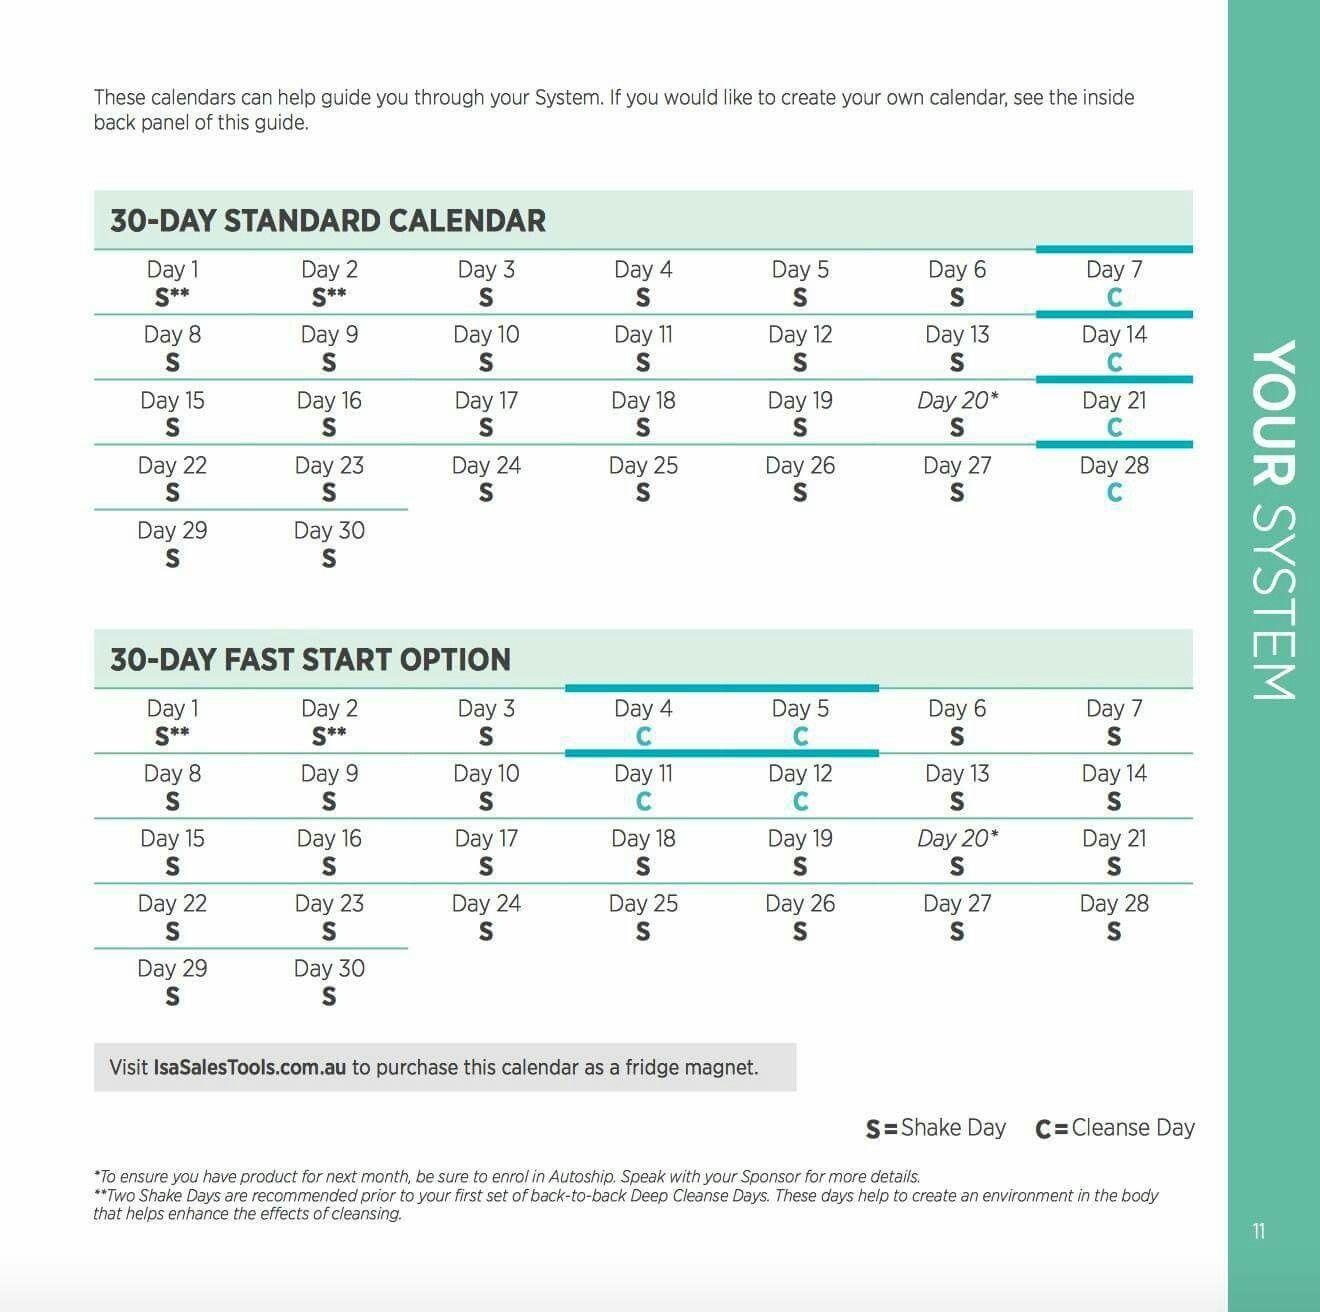 30 Day Calendar   Isagenix, Create Your Own Calendar In Isagenix Shake Day Schedule Printable